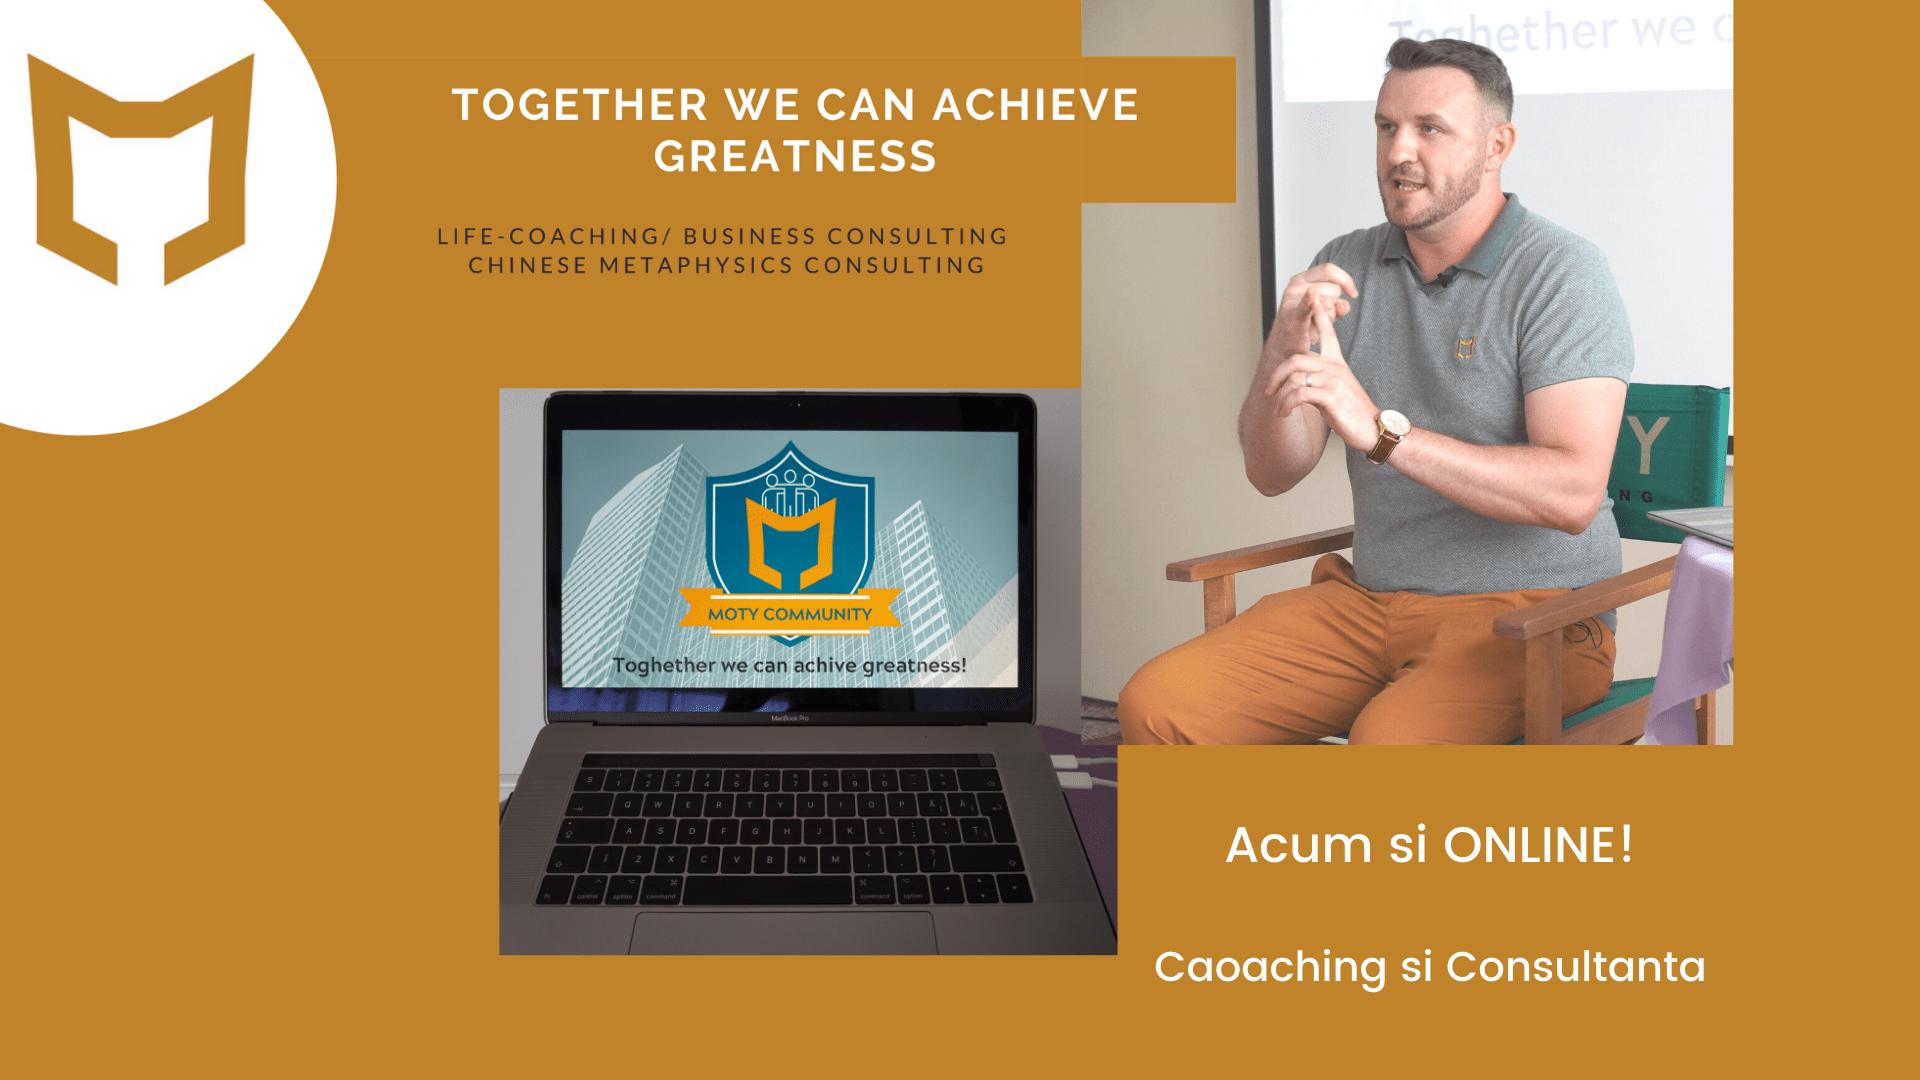 Sedinte de Coaching si Consultanta ONLINE